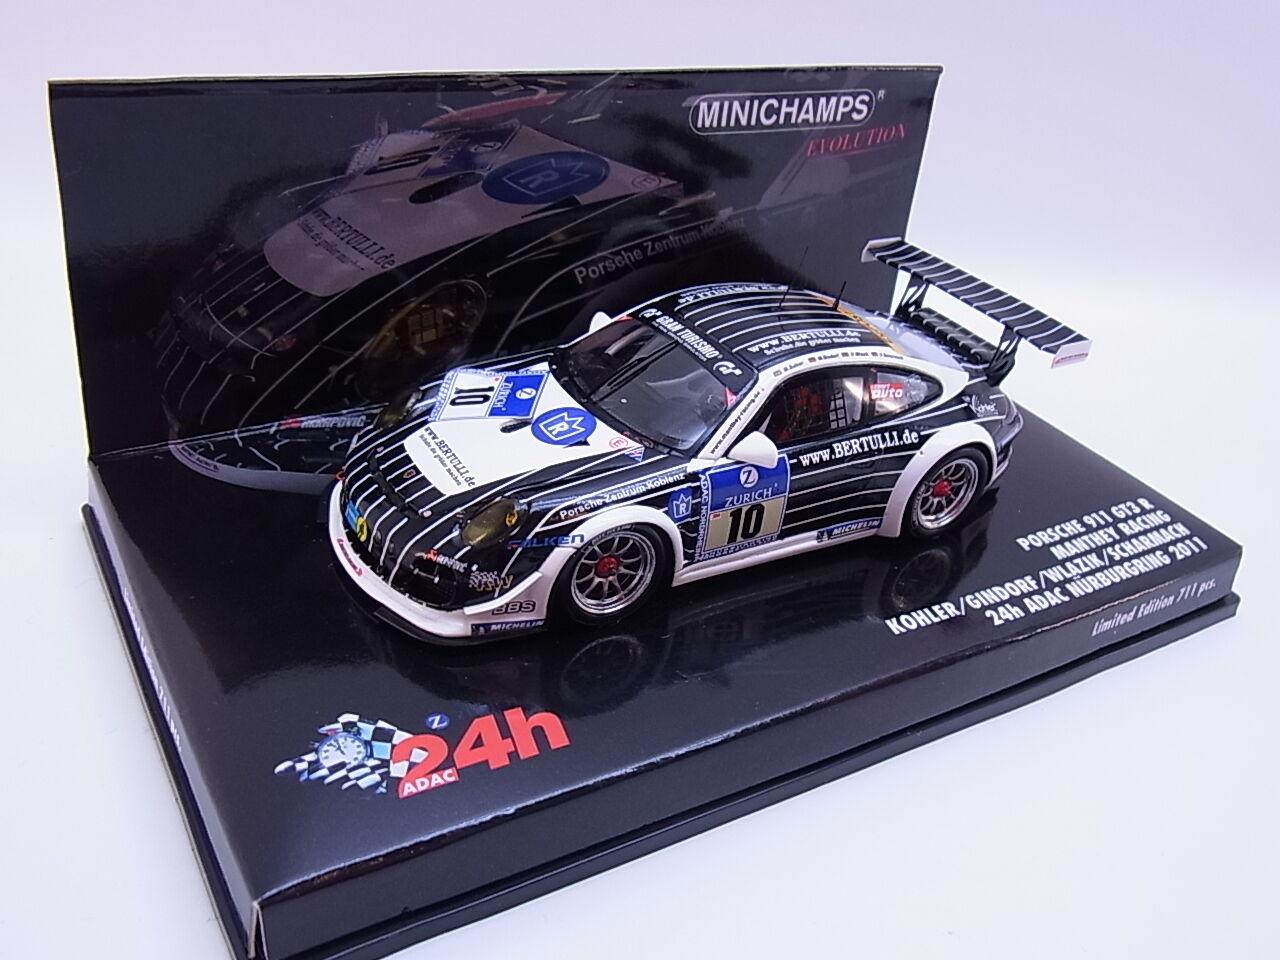 Lot 26147   MINICHAMPS 437116110 Porsche 911 gt3 R voiture miniature 1 43 dans neuf dans sa boîte